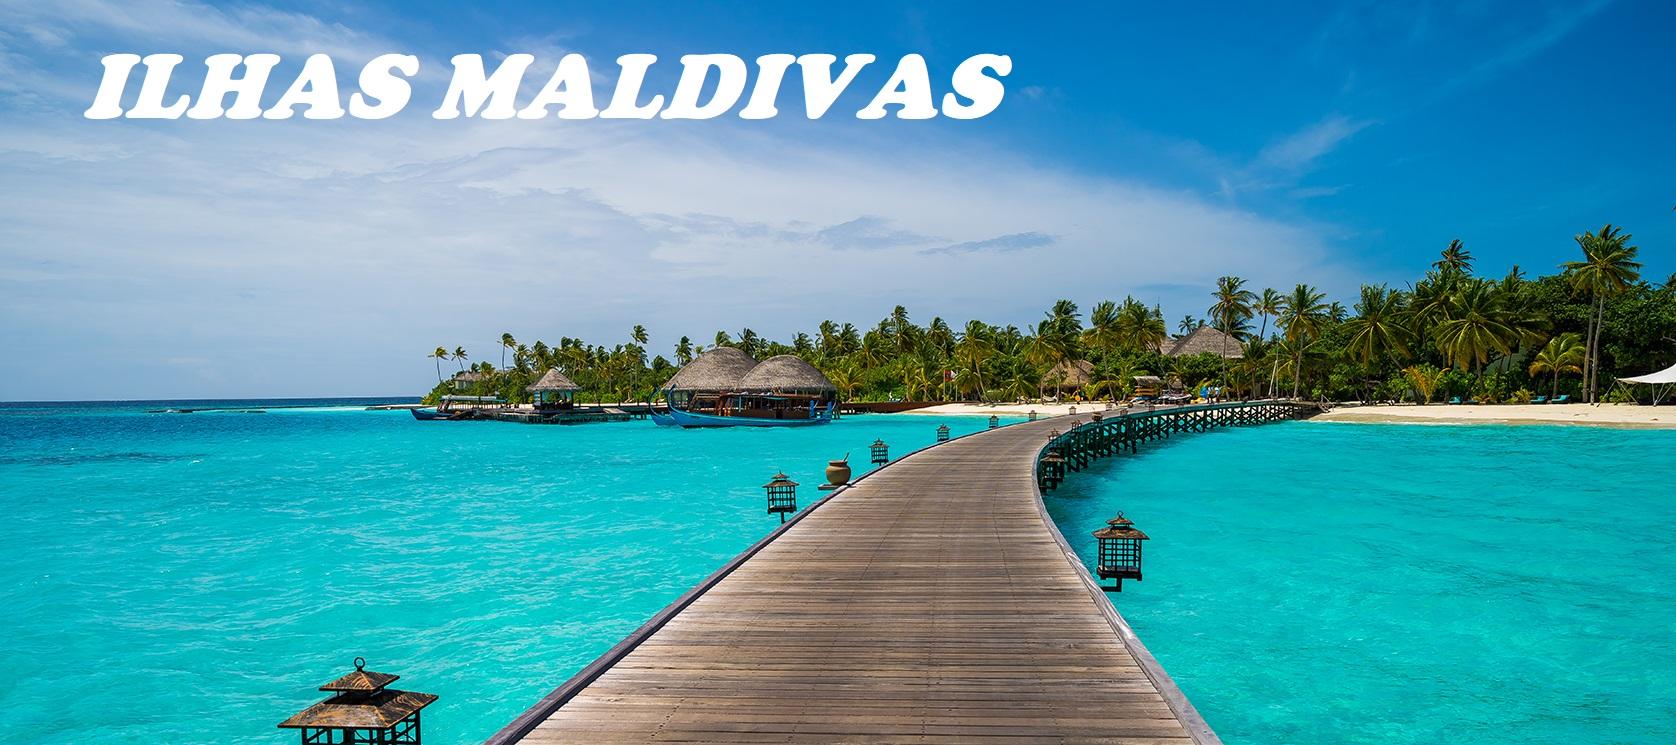 Réveillon nas Ilhas Maldivas 2019/2020